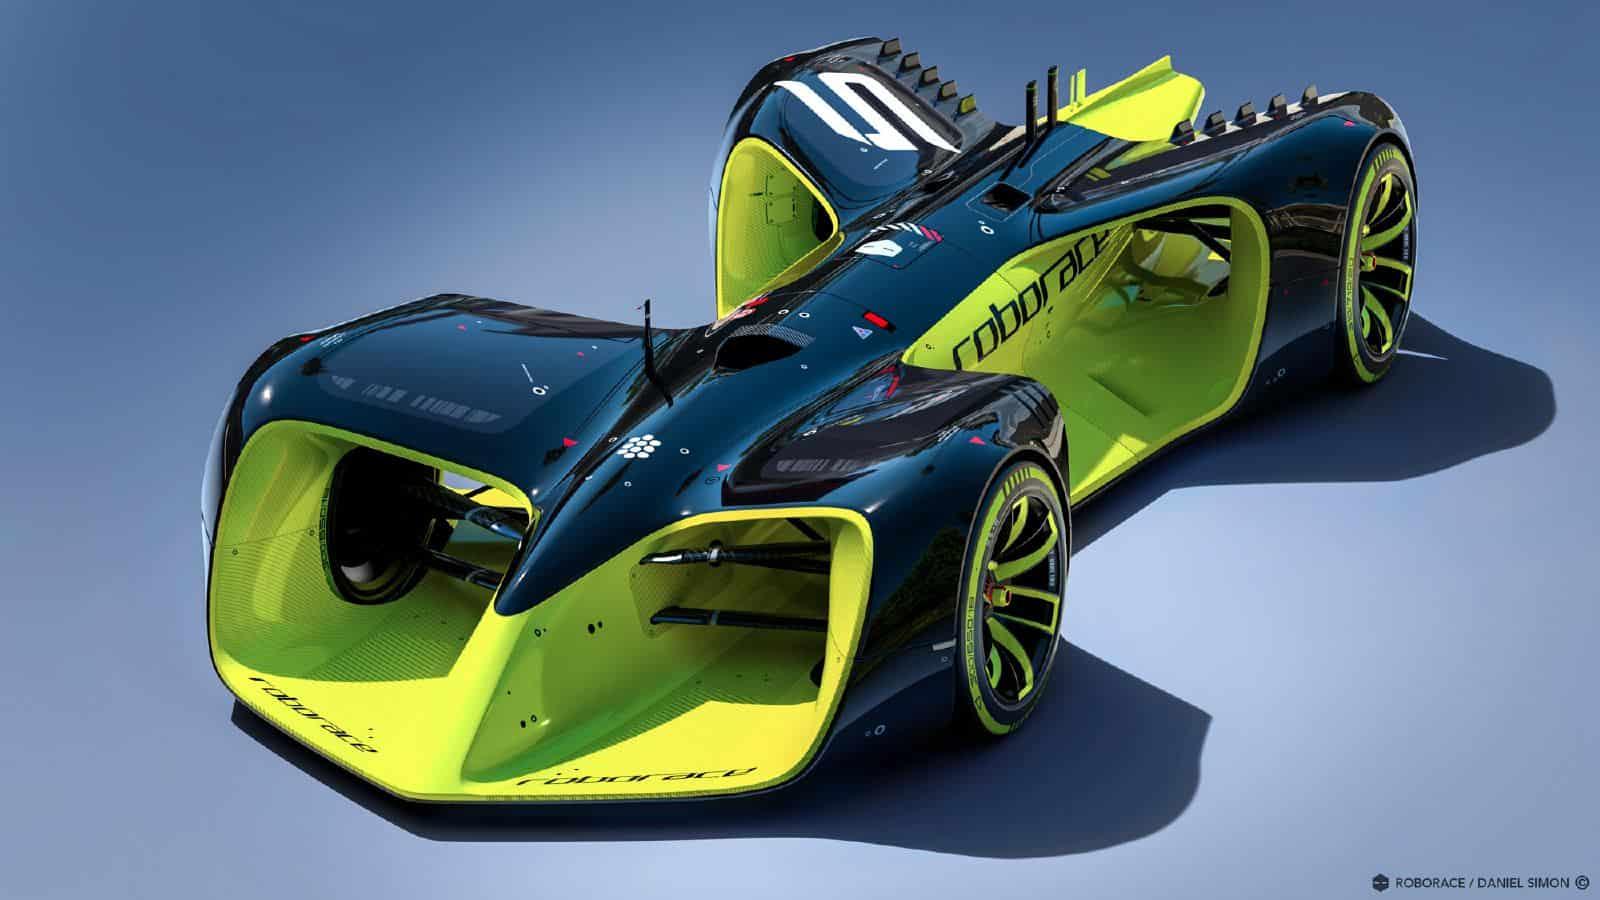 daniel simon 39 s autonomous roborace car. Black Bedroom Furniture Sets. Home Design Ideas